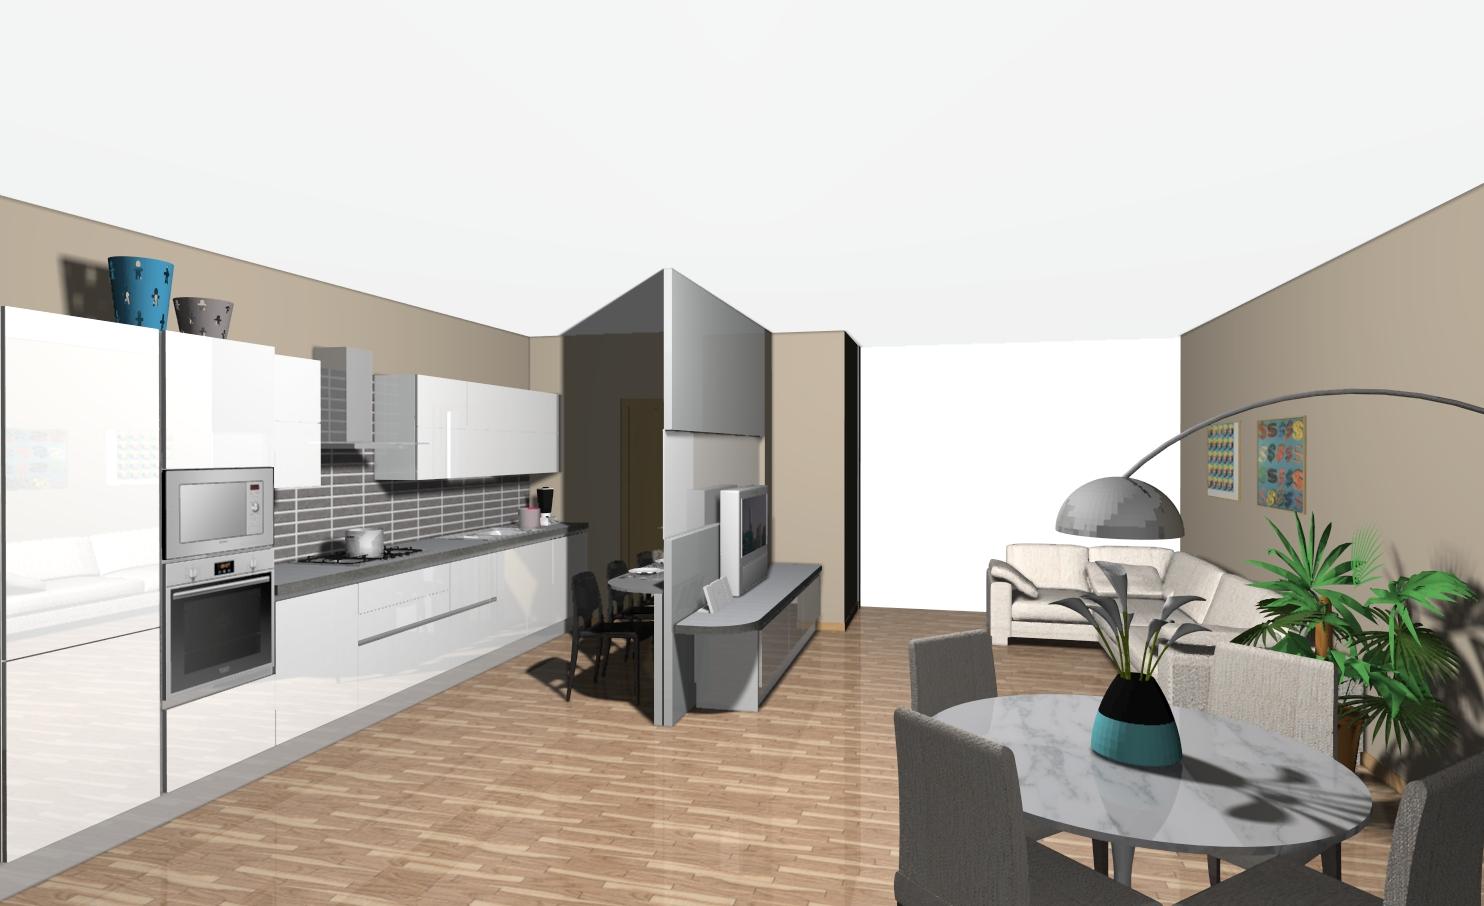 non solo mobili | idee arredamento casa , terrazzi e giardini - Arredare Unico Ambiente Cucina Soggiorno